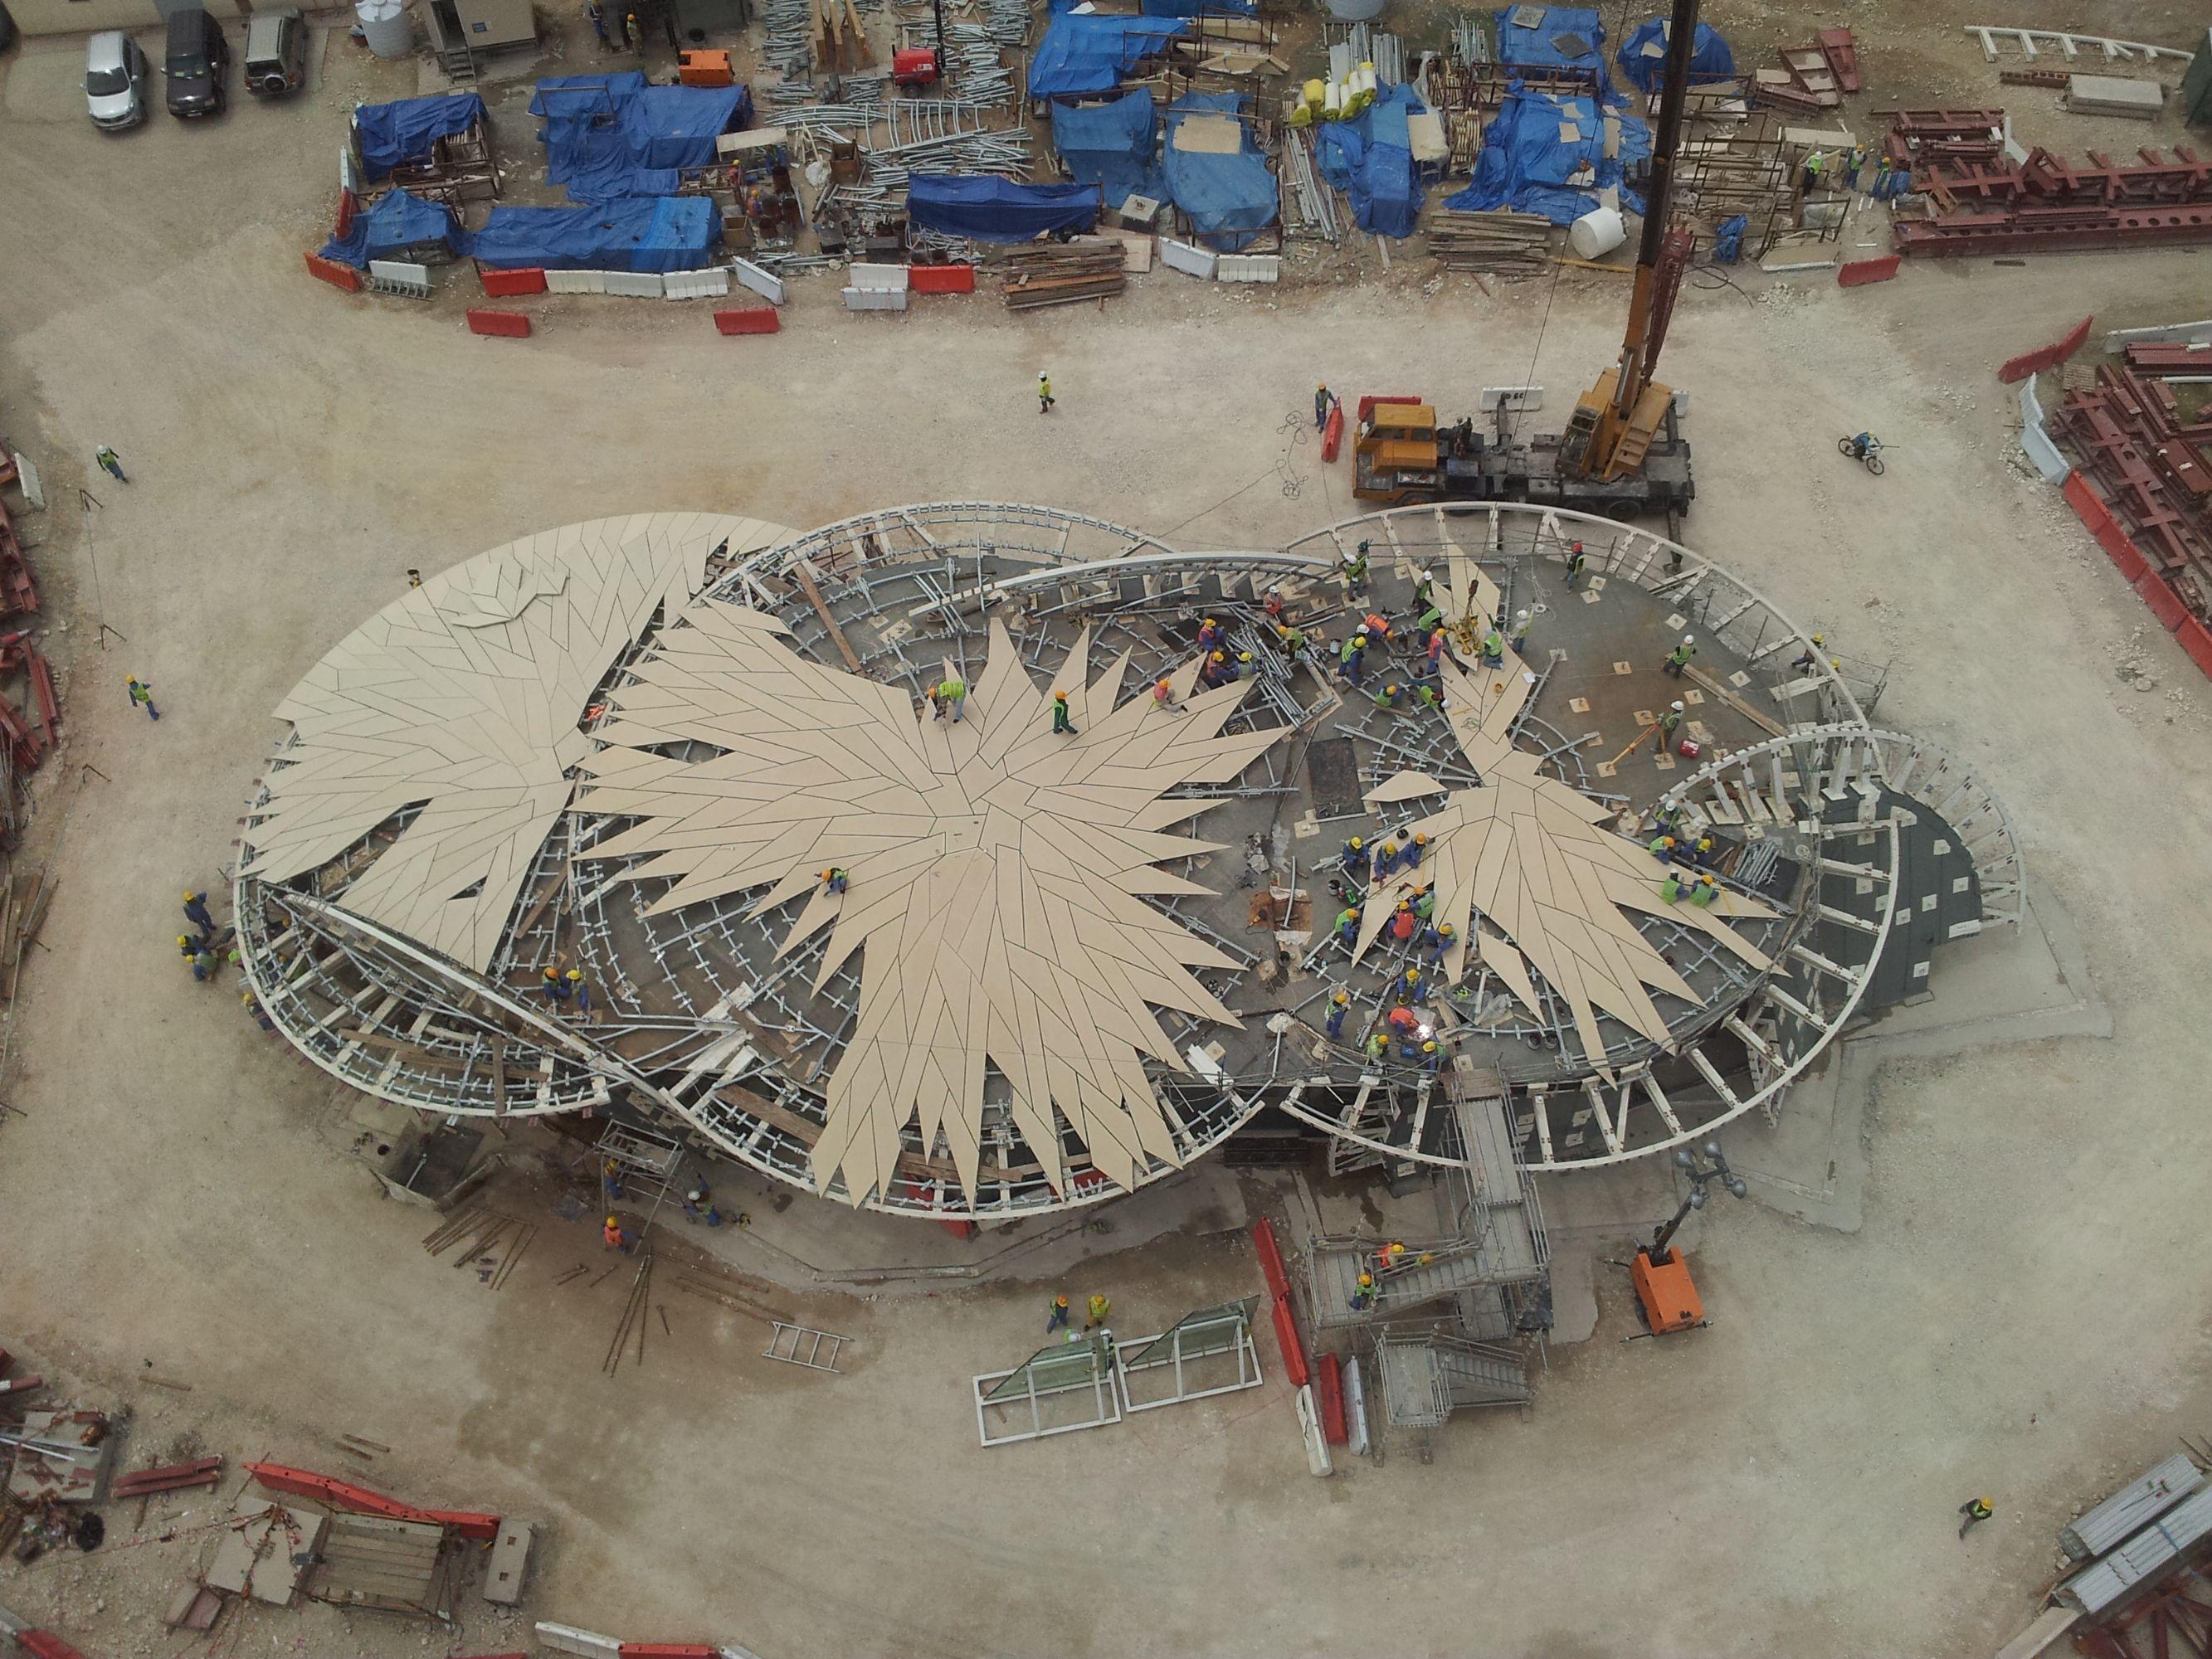 Bau des Pavillons bei Nationalmuseum Katar